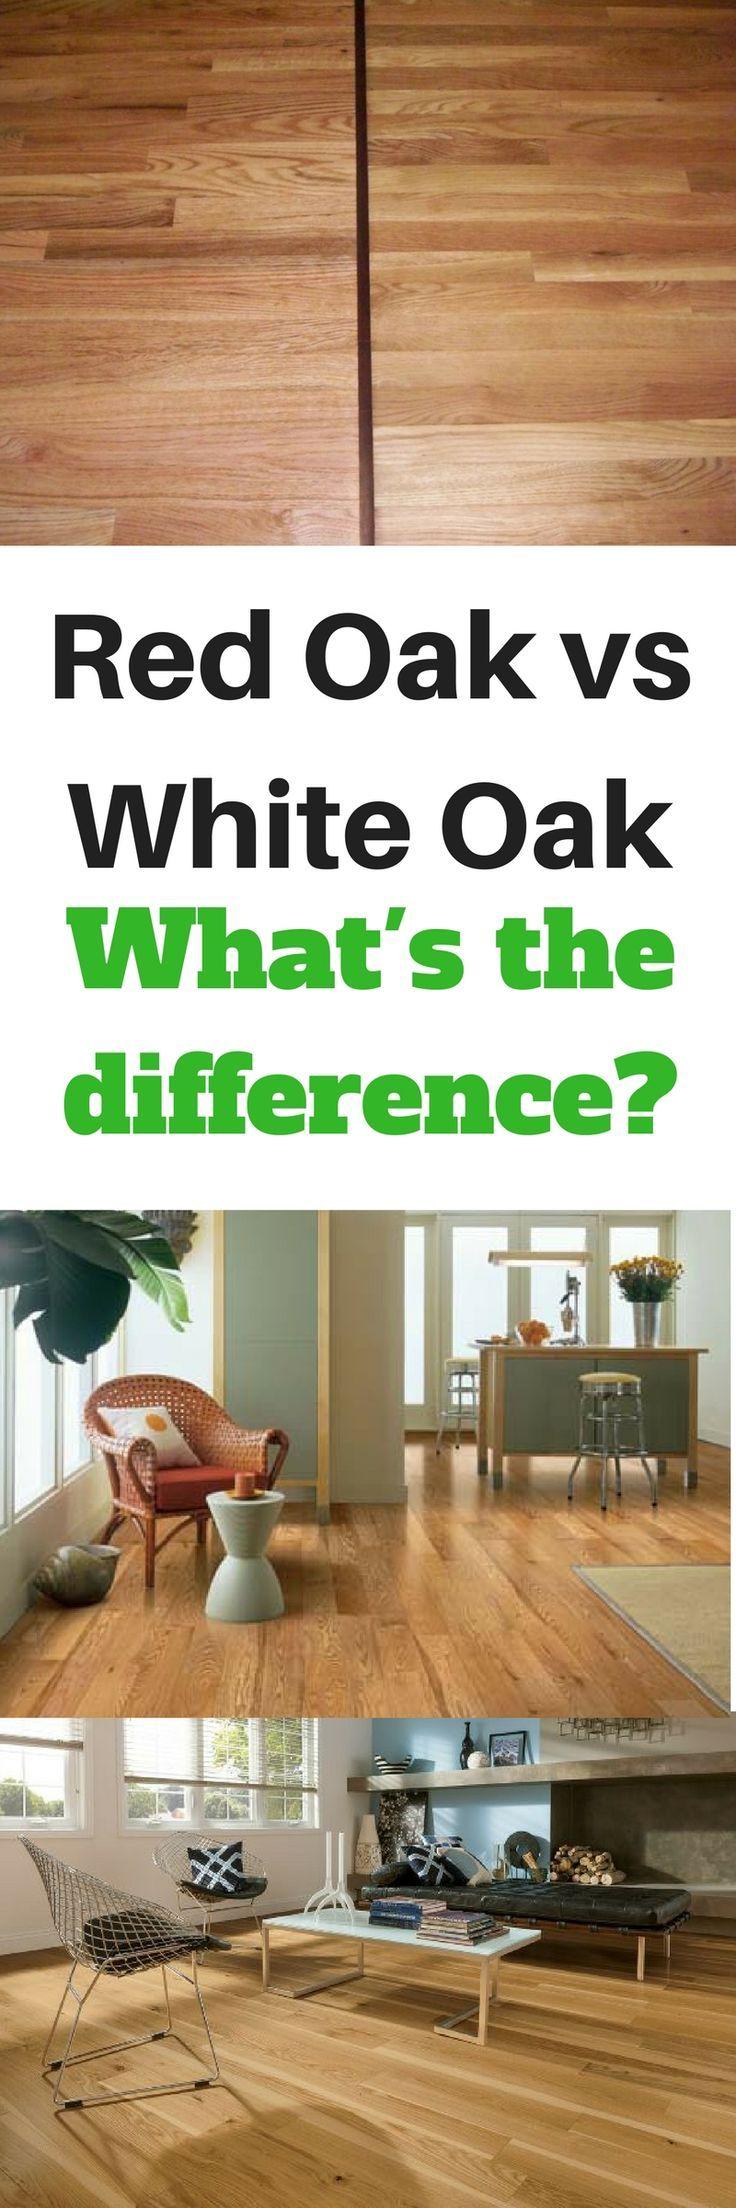 Red oak vs. White Oak hardwood flooring what's the